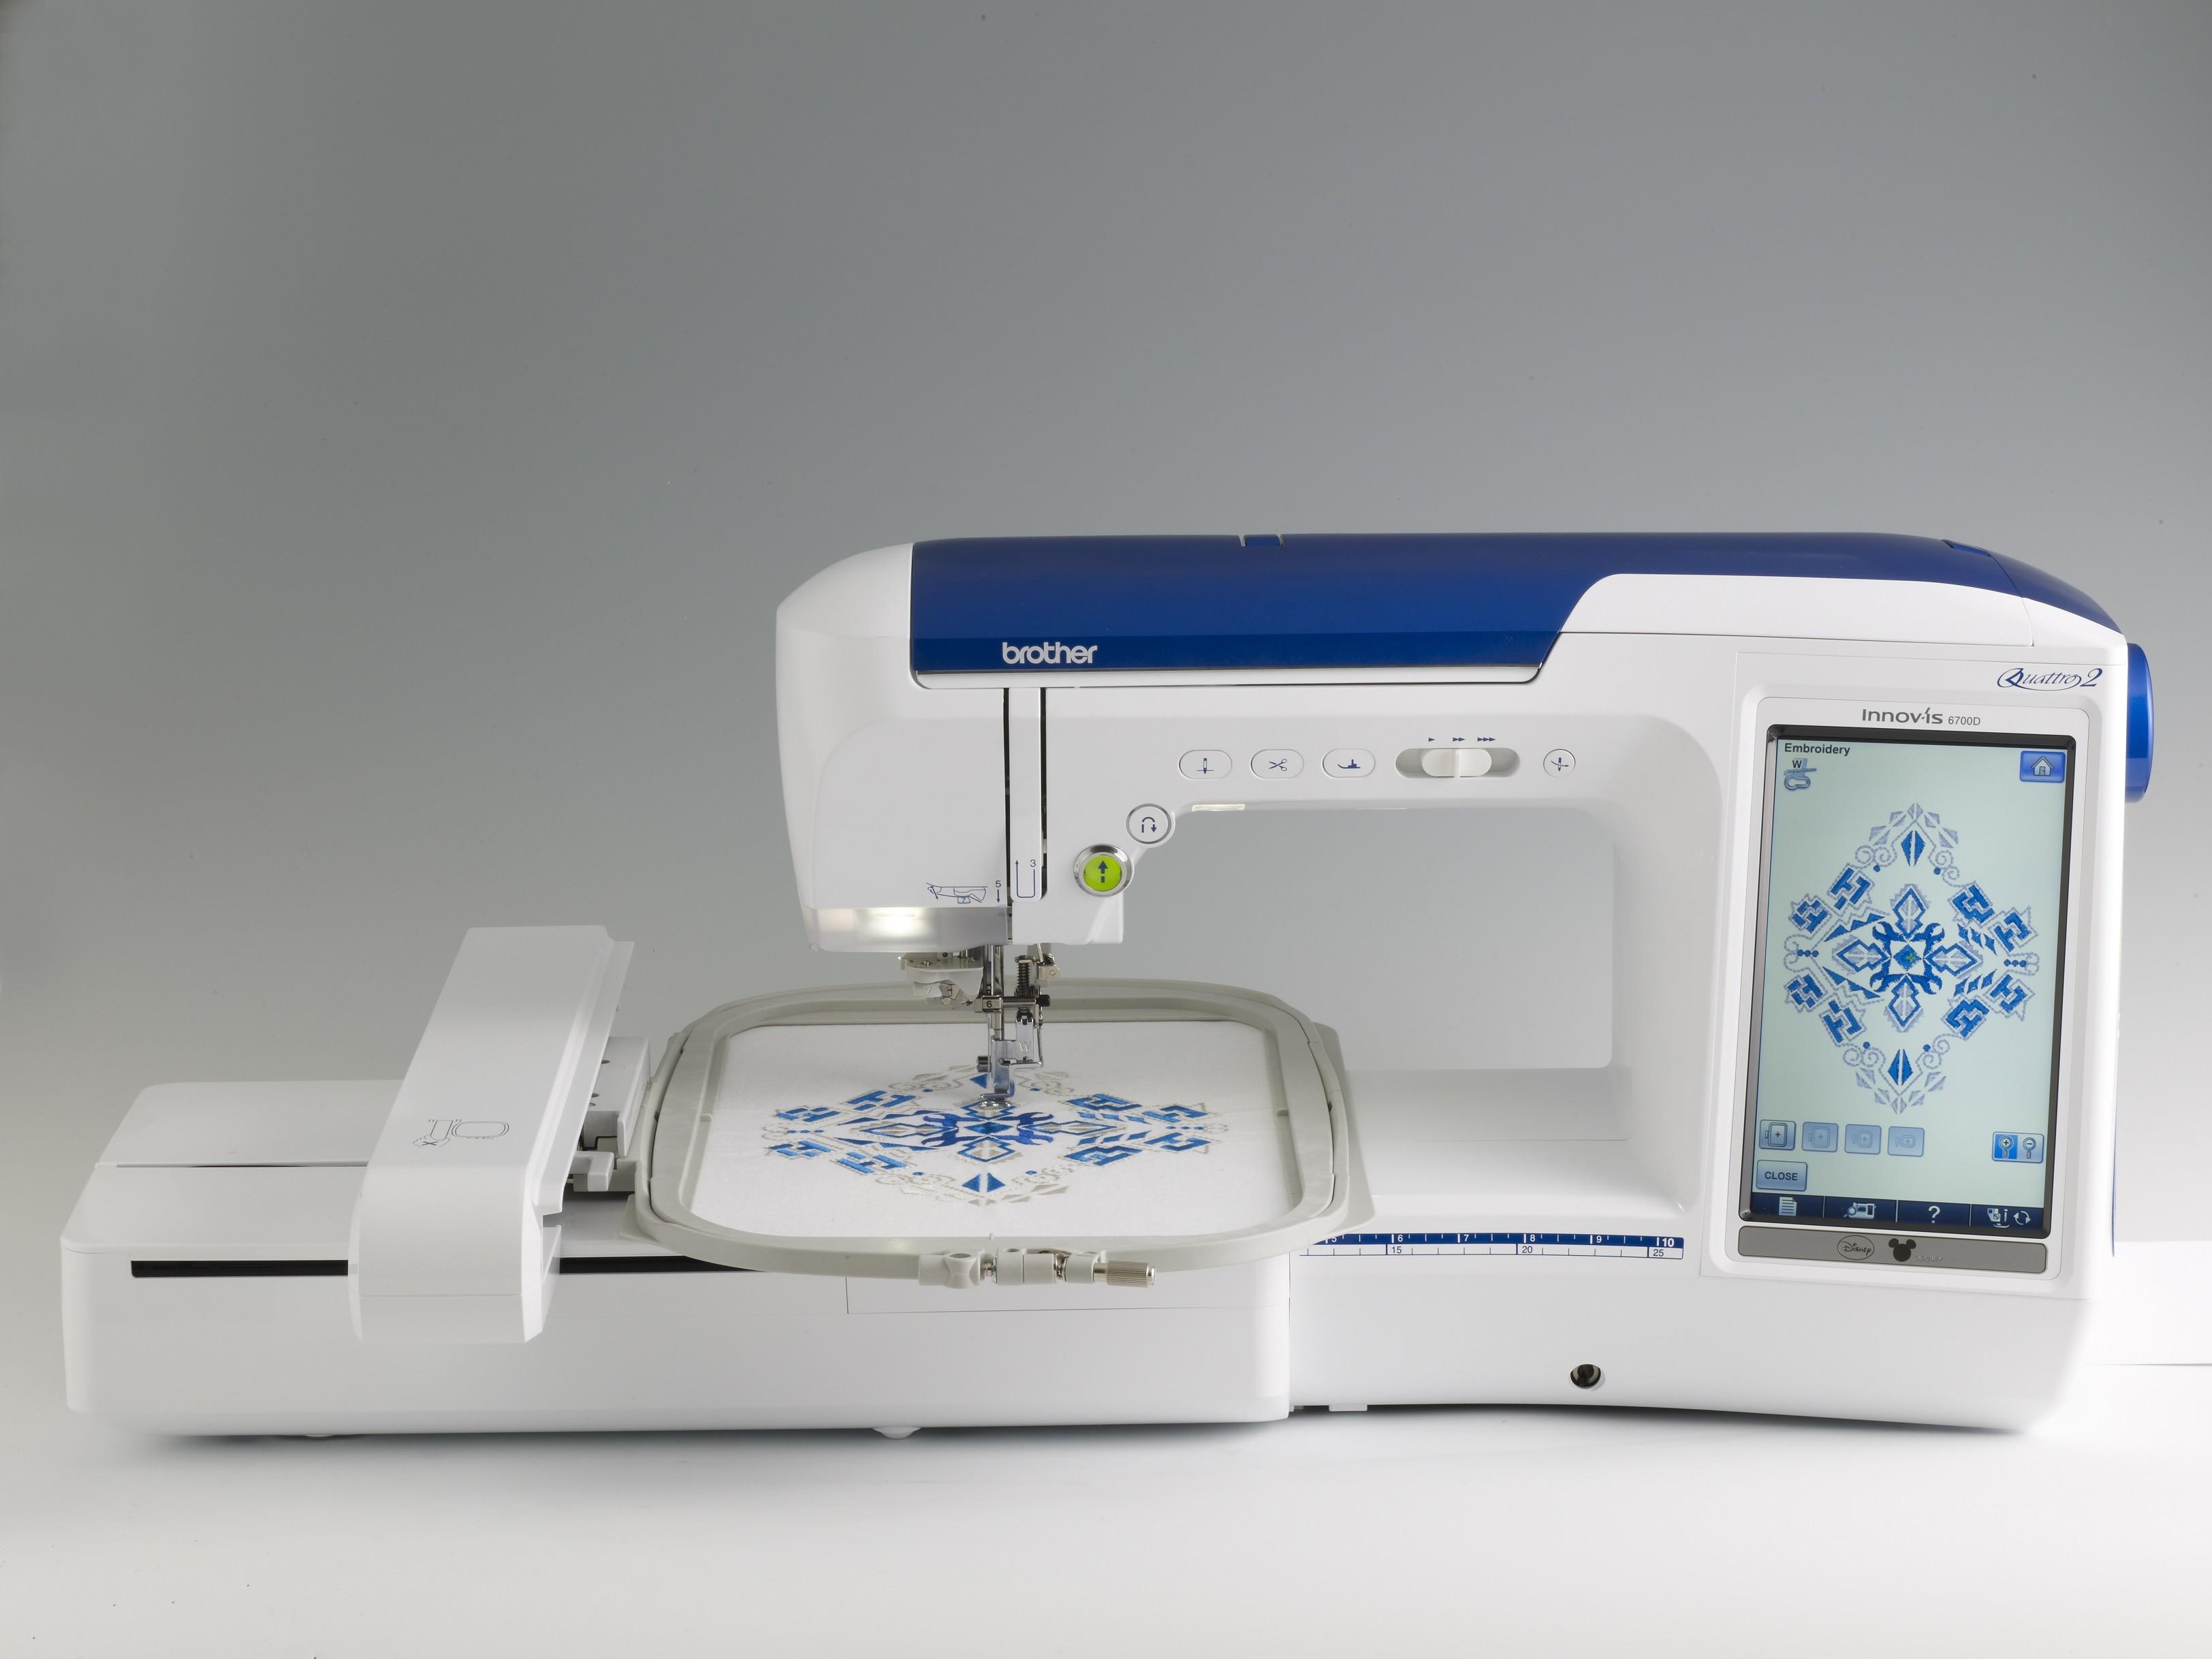 Laura Ashley® Limited Edition Innov-ís NX2000 Sewing Machine